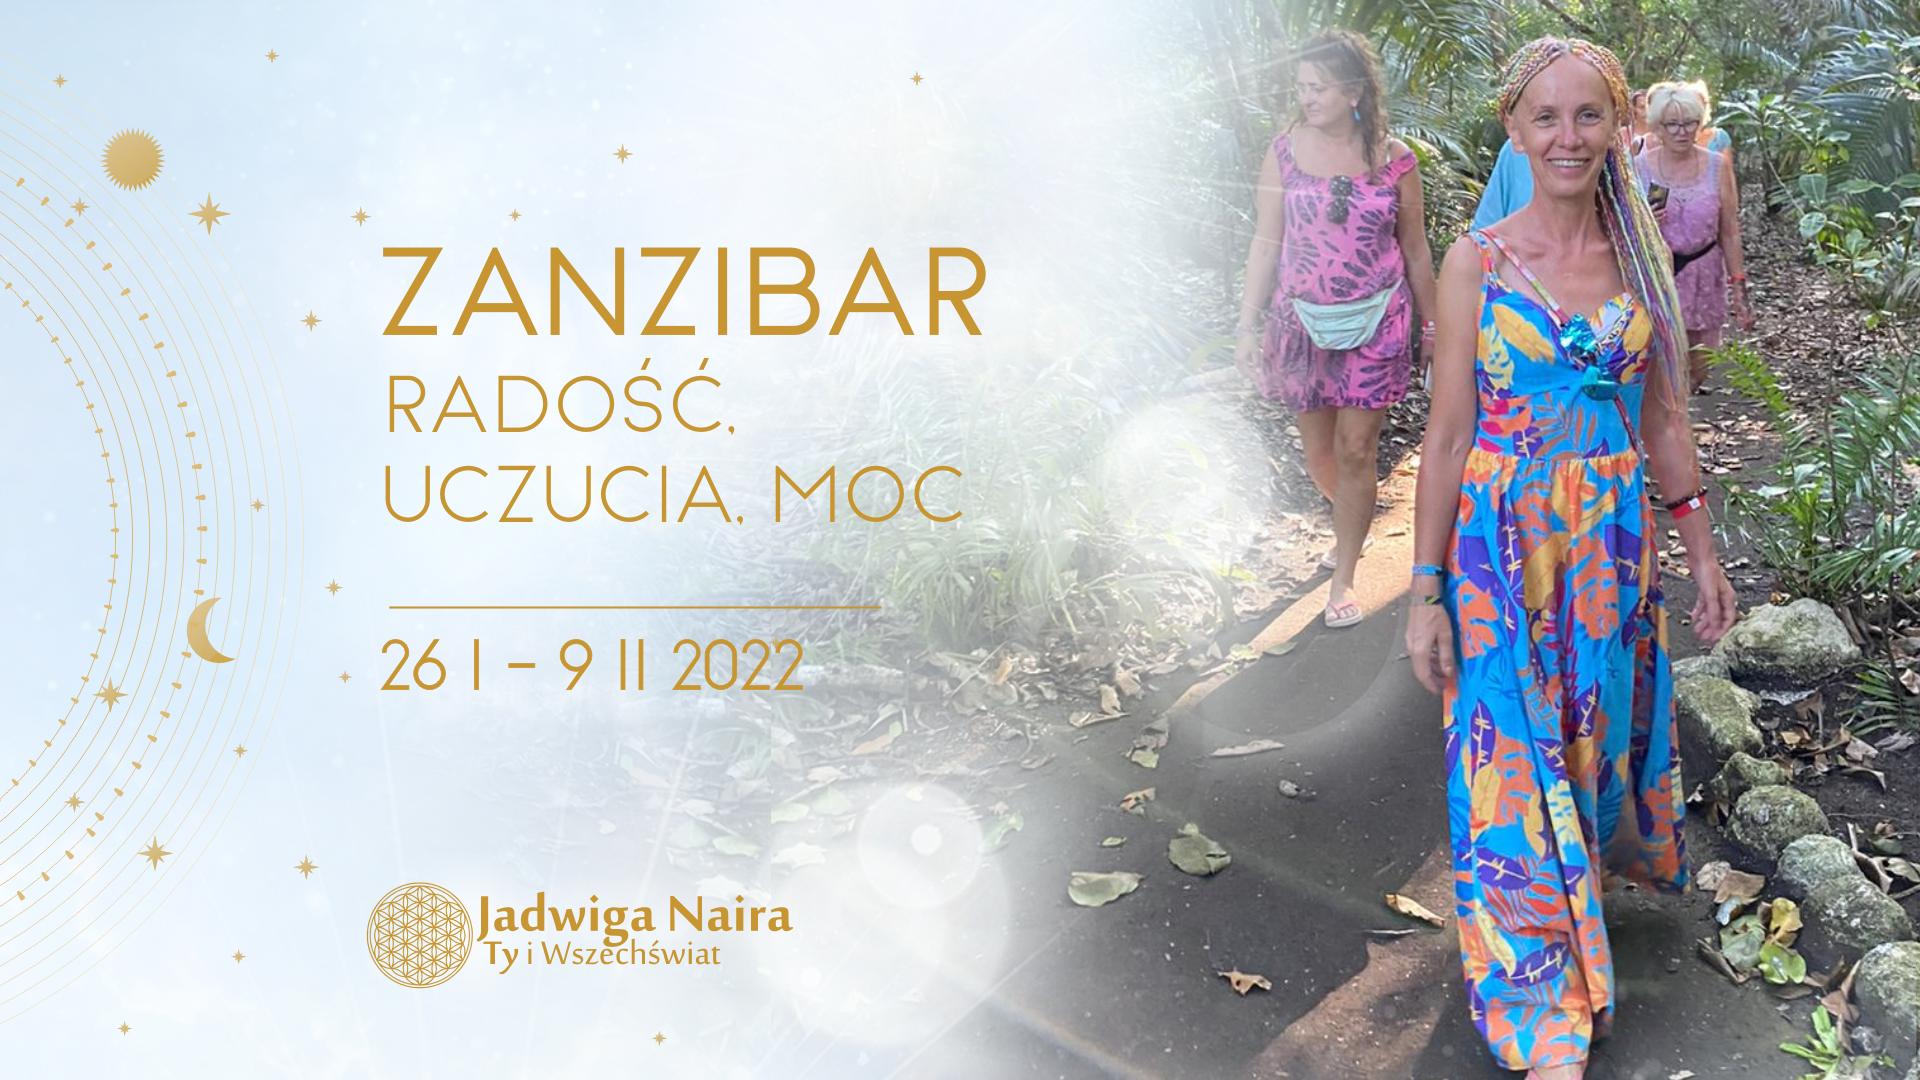 Zanzibar - Radość. Uczucia. Moc.